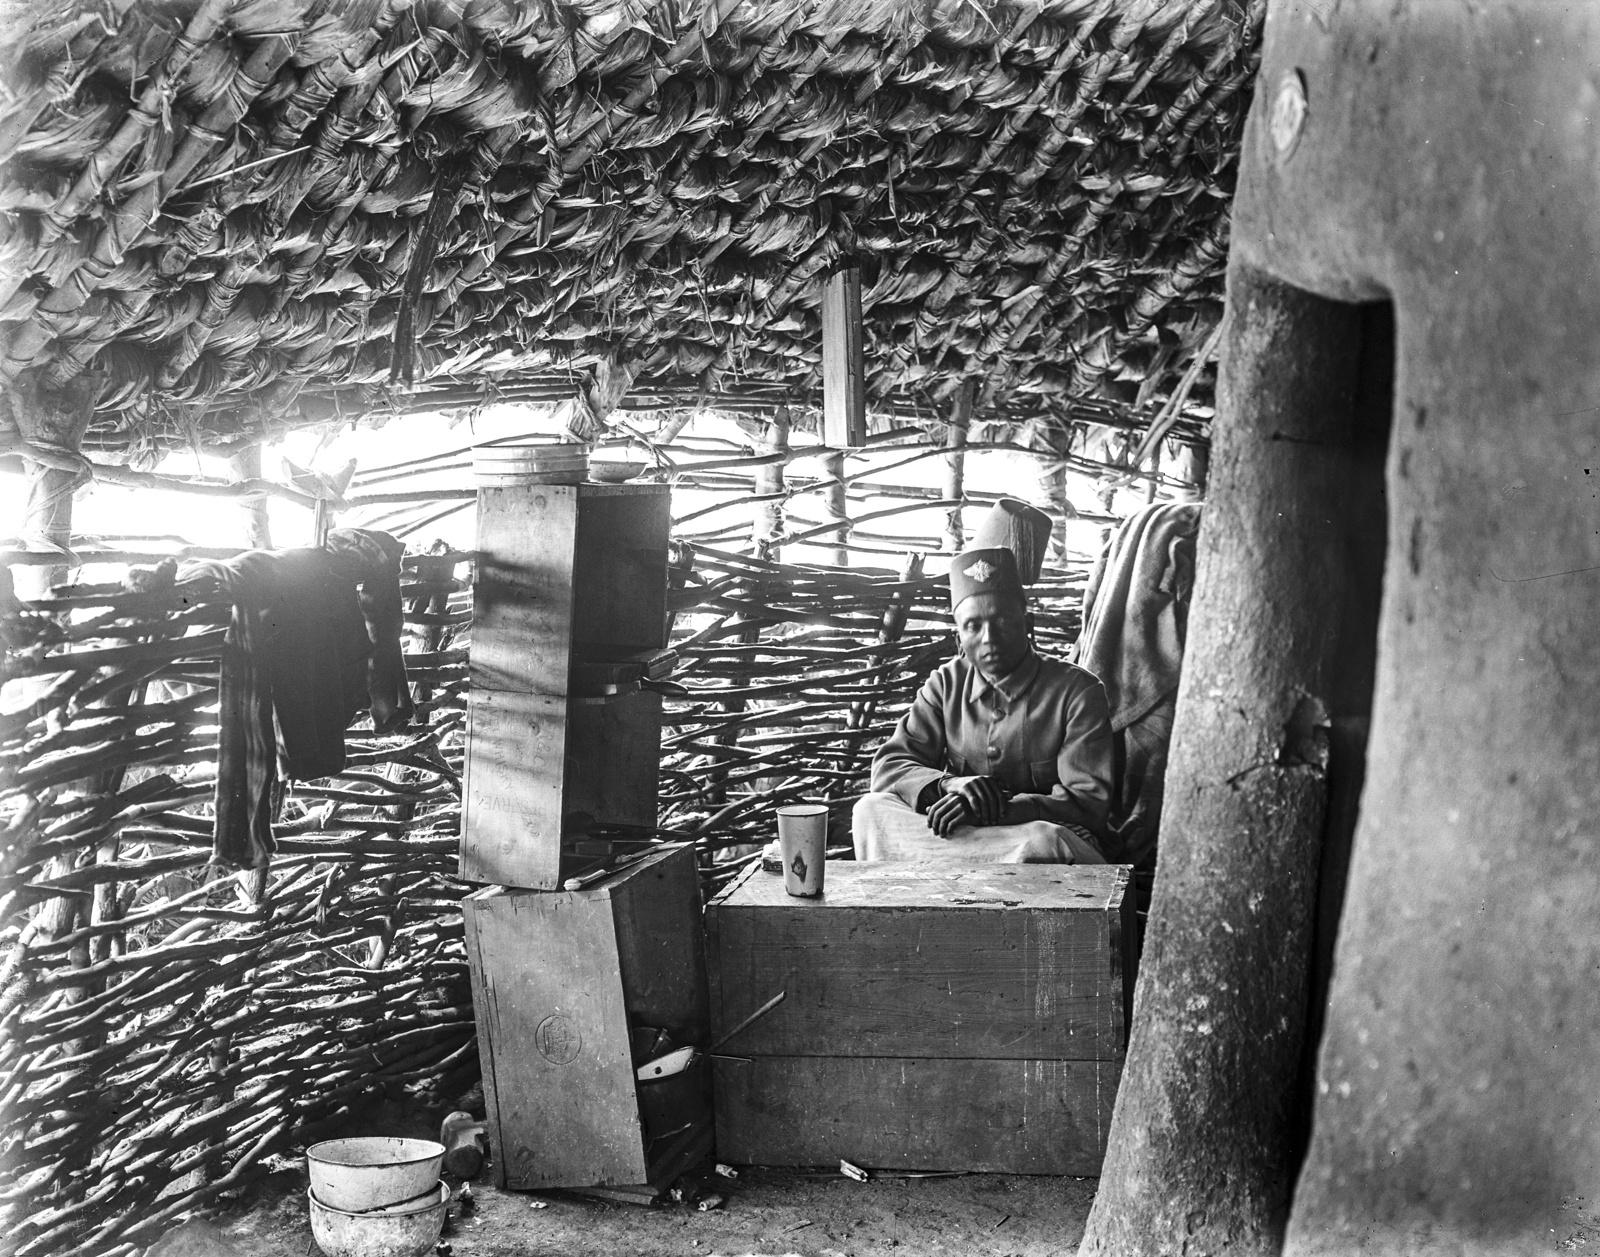 34. Внутренняя часть деревенской круглой хижины в горах Паре. Джембе (староста деревни) сидит за ящиками, которые служат ему столом